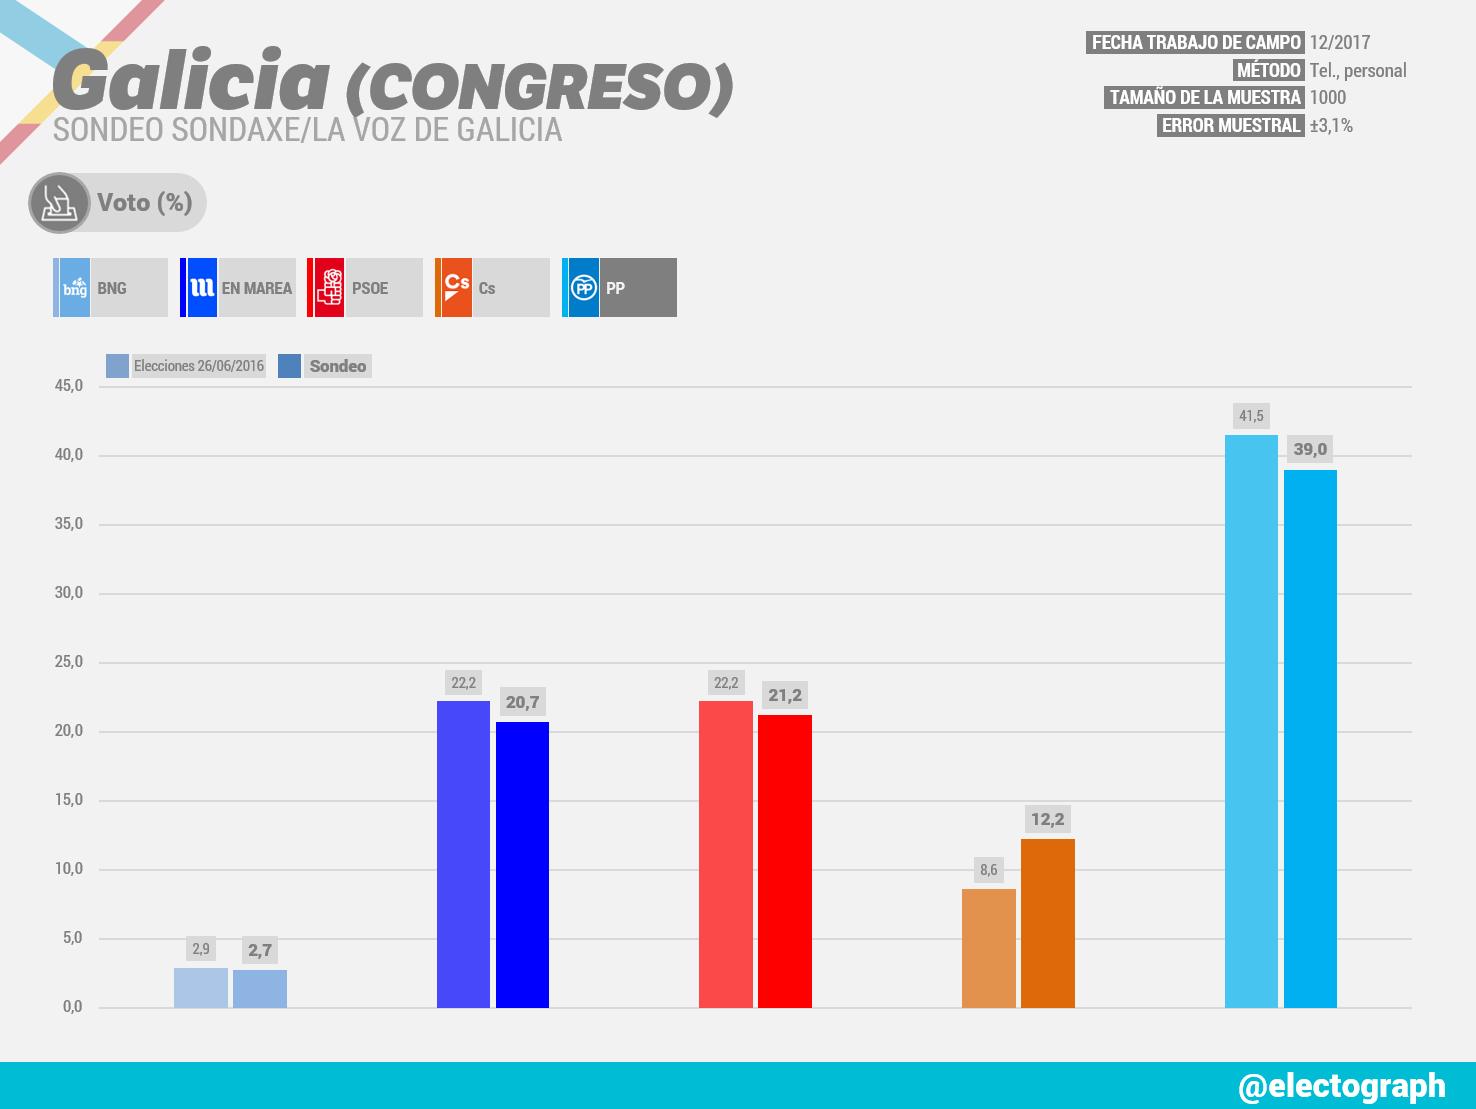 Gráfico de la encuesta para elecciones generales en Galicia realizada por Sondaxe para La Voz de Galicia en diciembre de 2017